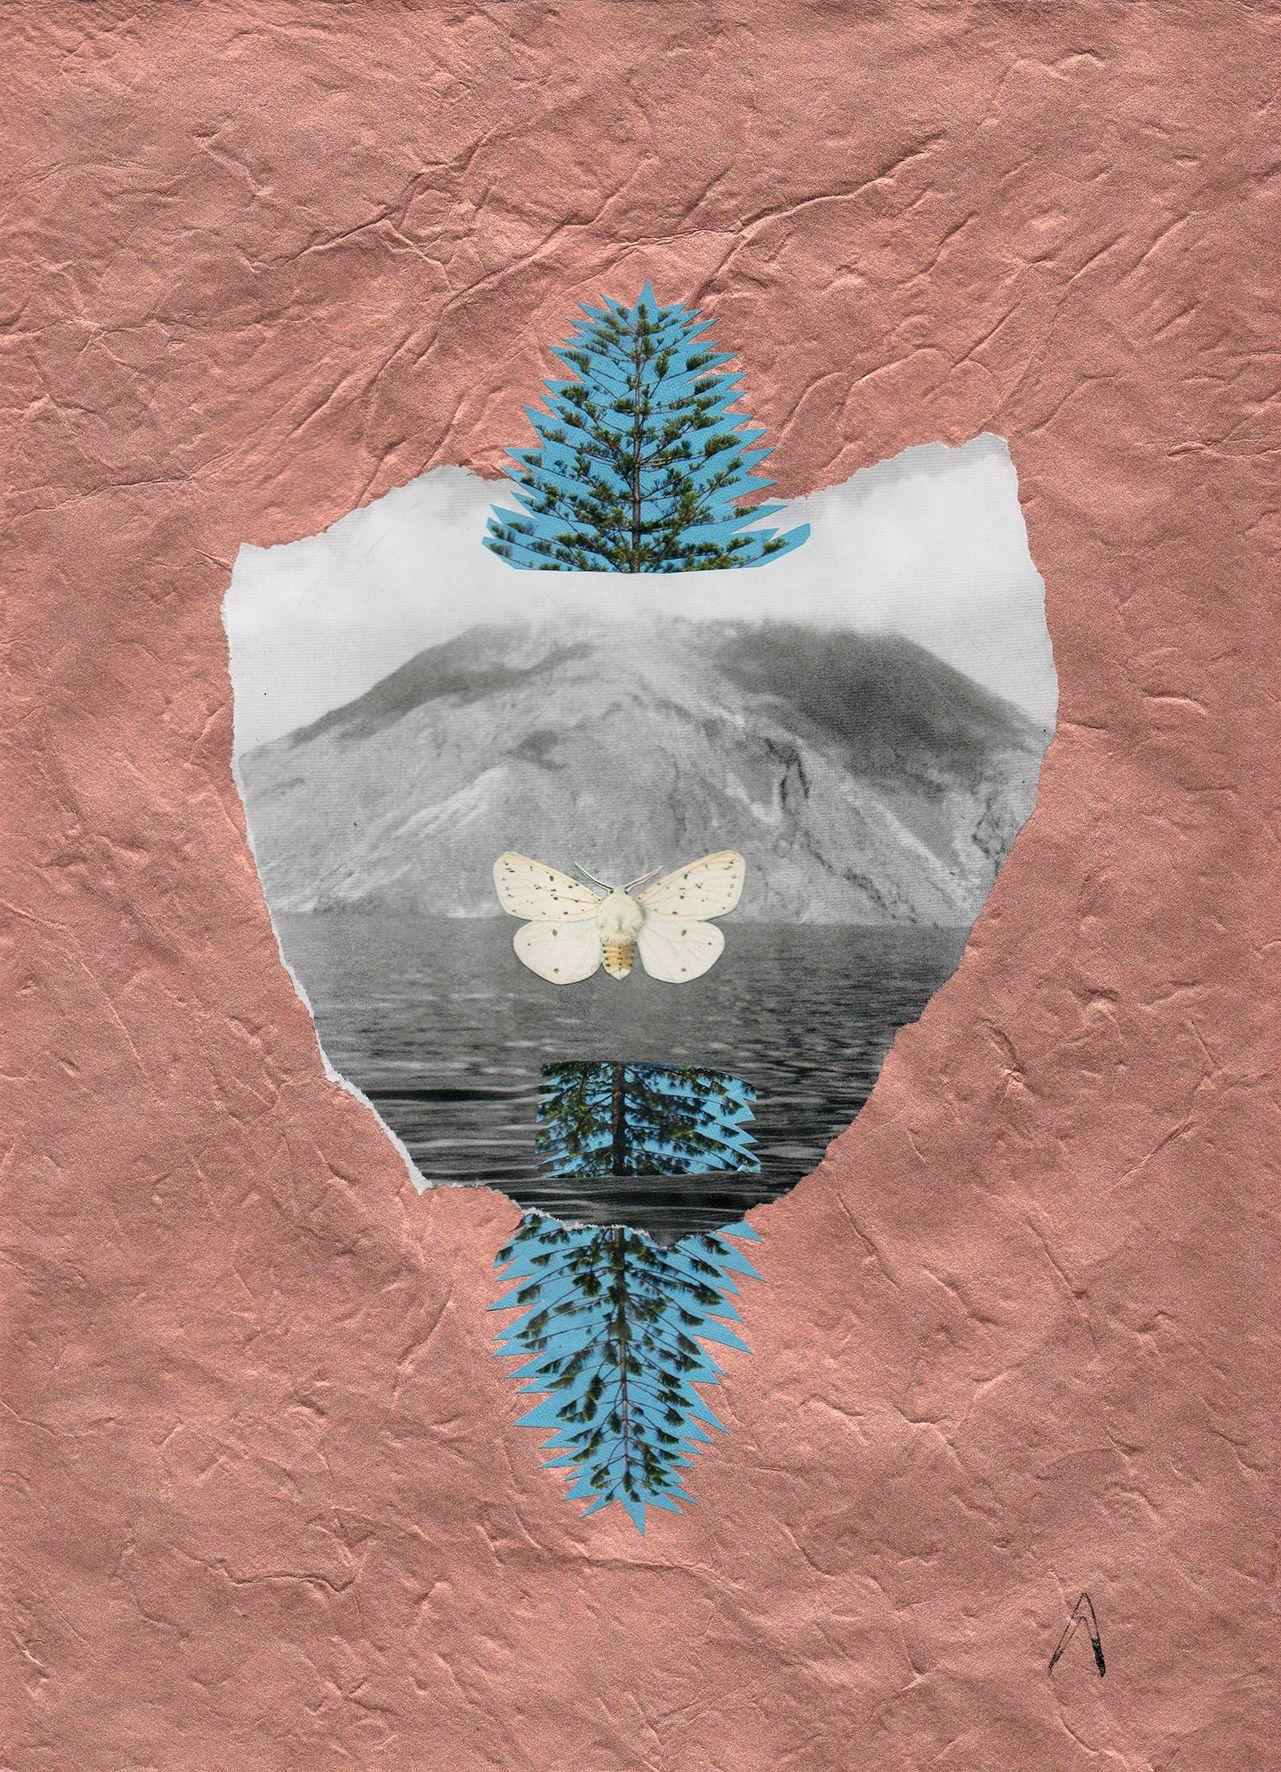 compo-le-papillon-letang-et-levolcan24x30-2017-d4549d0144583874db042d4f074a96c9